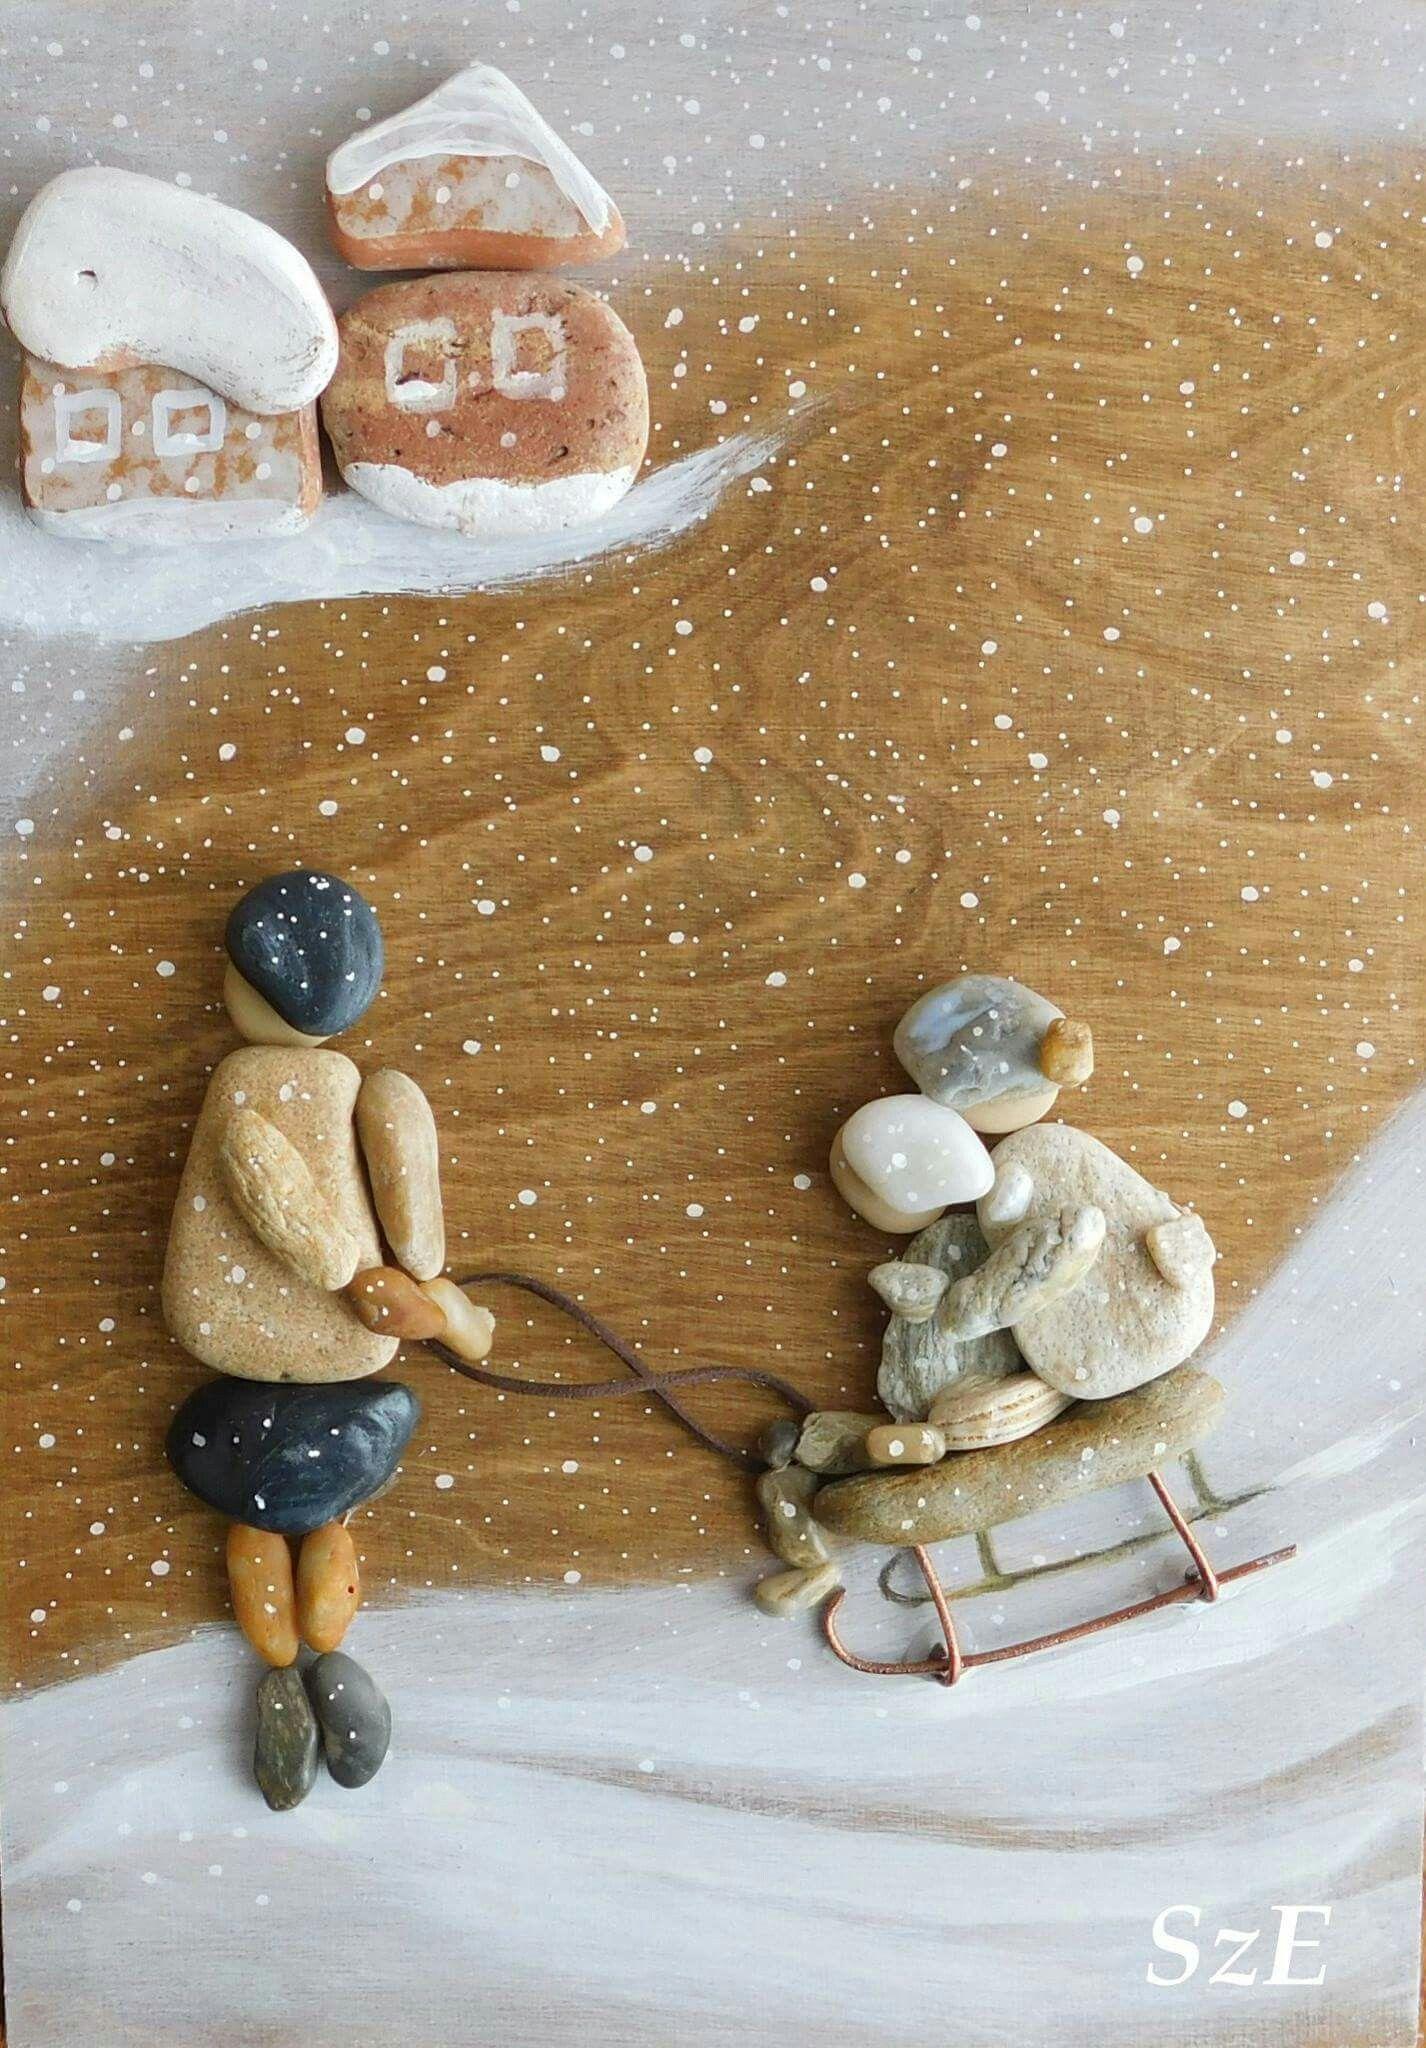 Pin von Sv. in auf Pebble art 1 | Pinterest | Steinbilder, Steine ...